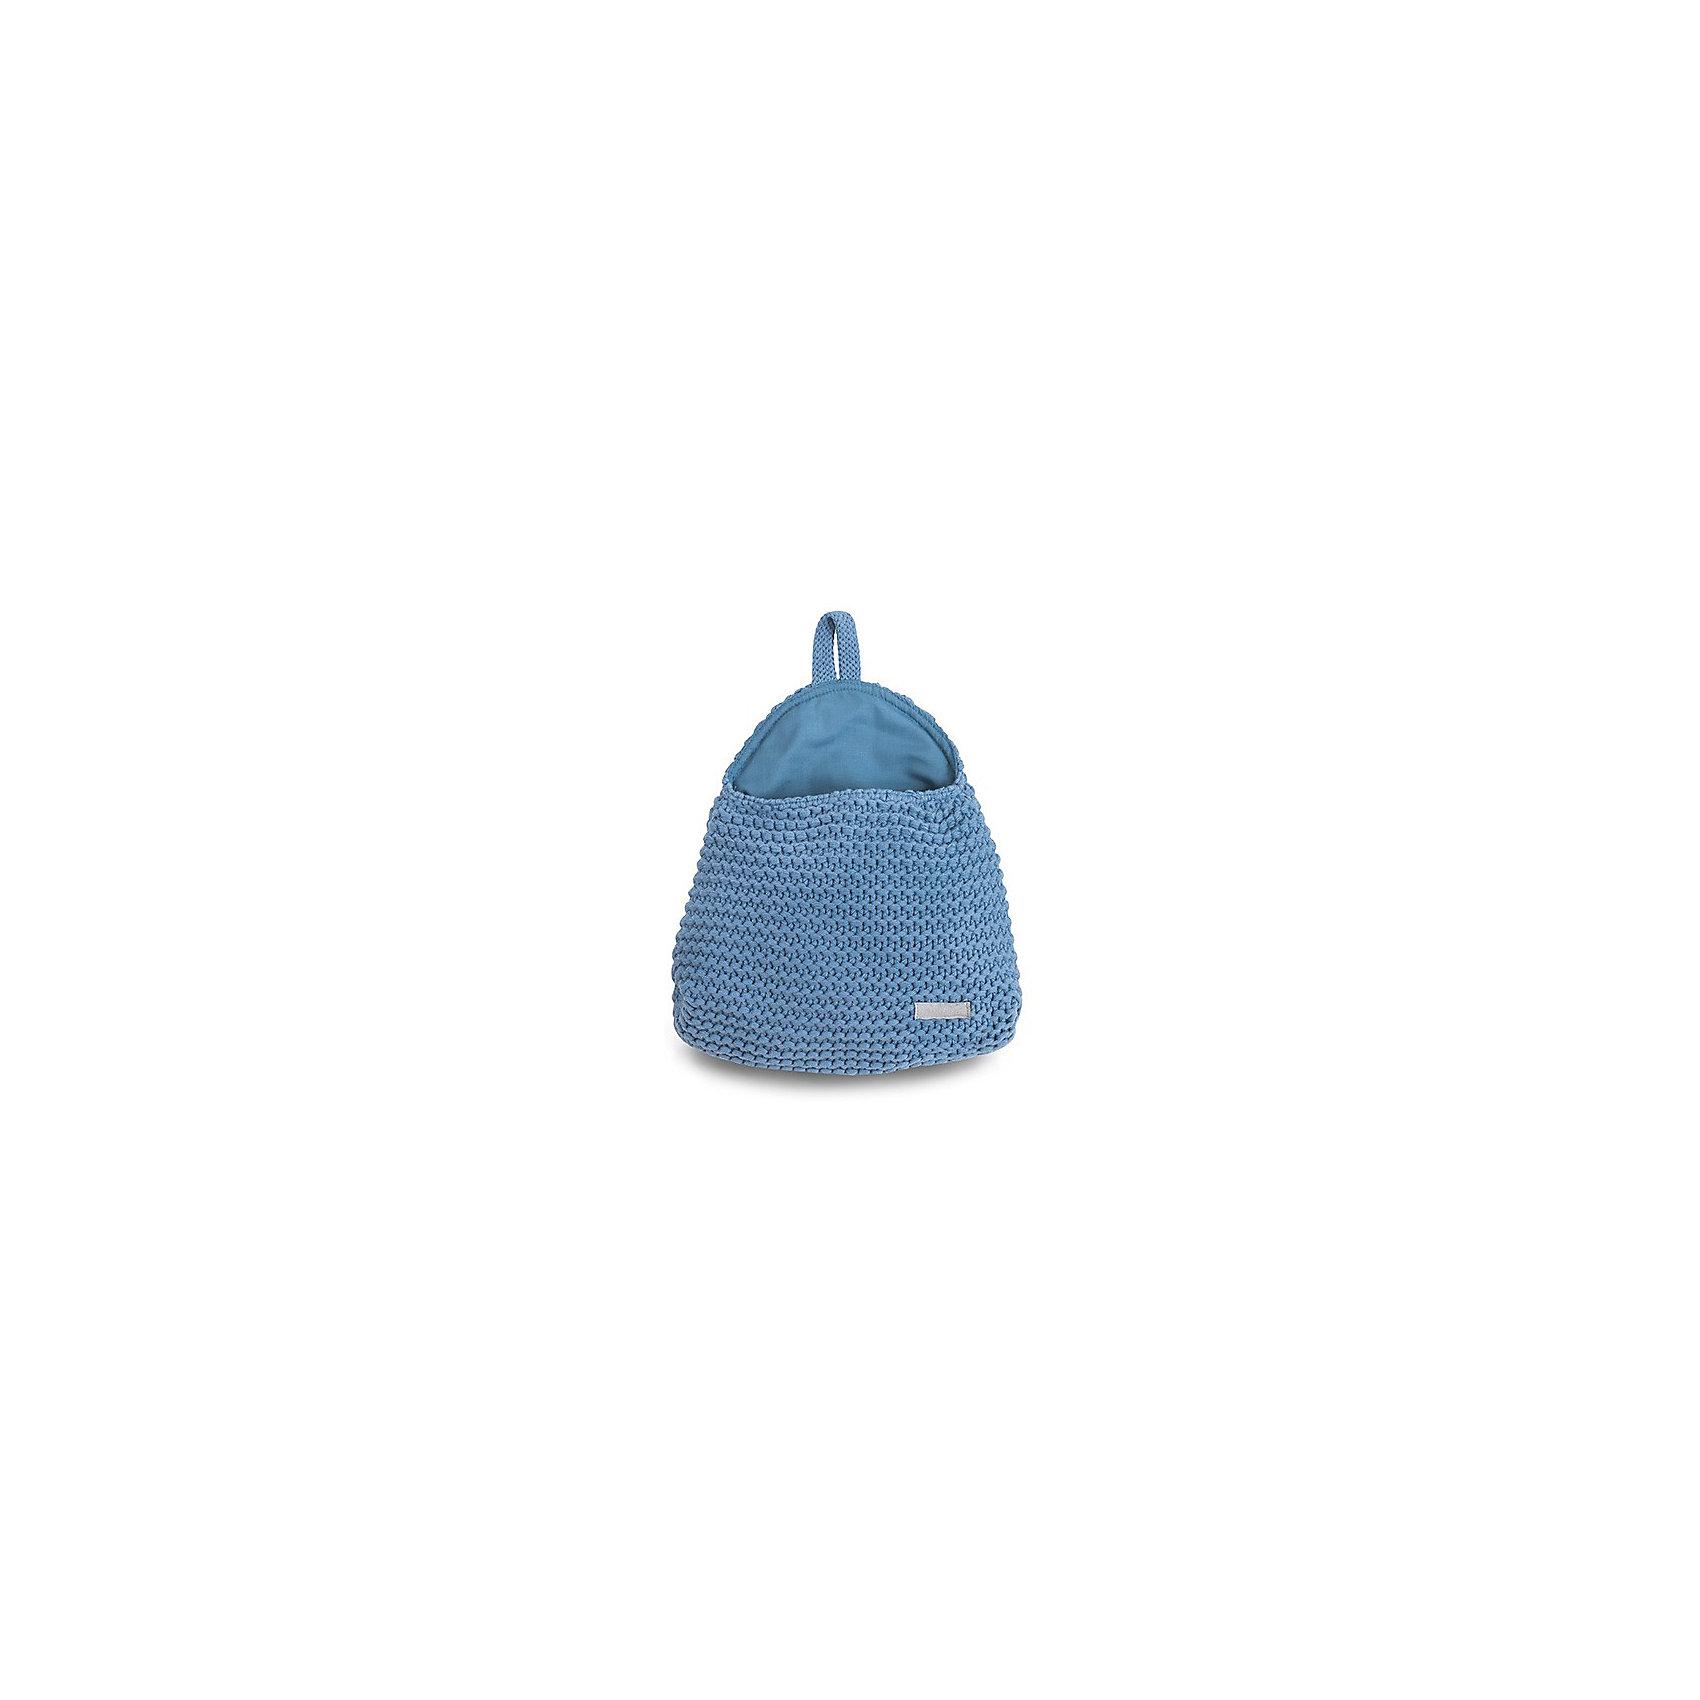 Настенный карман для мелочи, Jollein, BlueБлагодаря настенному карману, можно красиво организовать уголок малыша. В таком кармане можно хранить одноразовые подгузники, салфетки, или нужные предметы по уходу за малышом. Очень важно, переодевая малыша за пеленальным столиком, иметь необходимые вещи под рукой.<br><br>Ширина мм: 270<br>Глубина мм: 270<br>Высота мм: 30<br>Вес г: 300<br>Возраст от месяцев: 0<br>Возраст до месяцев: 36<br>Пол: Унисекс<br>Возраст: Детский<br>SKU: 5367105